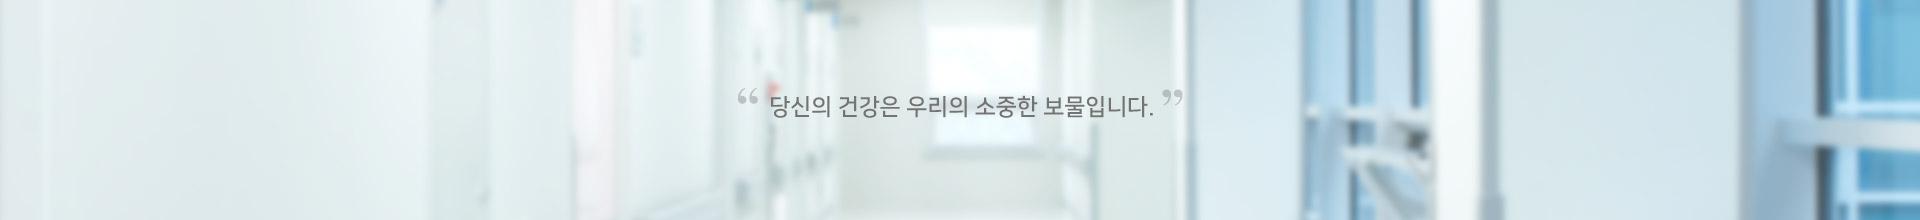 서브비쥬얼이미지